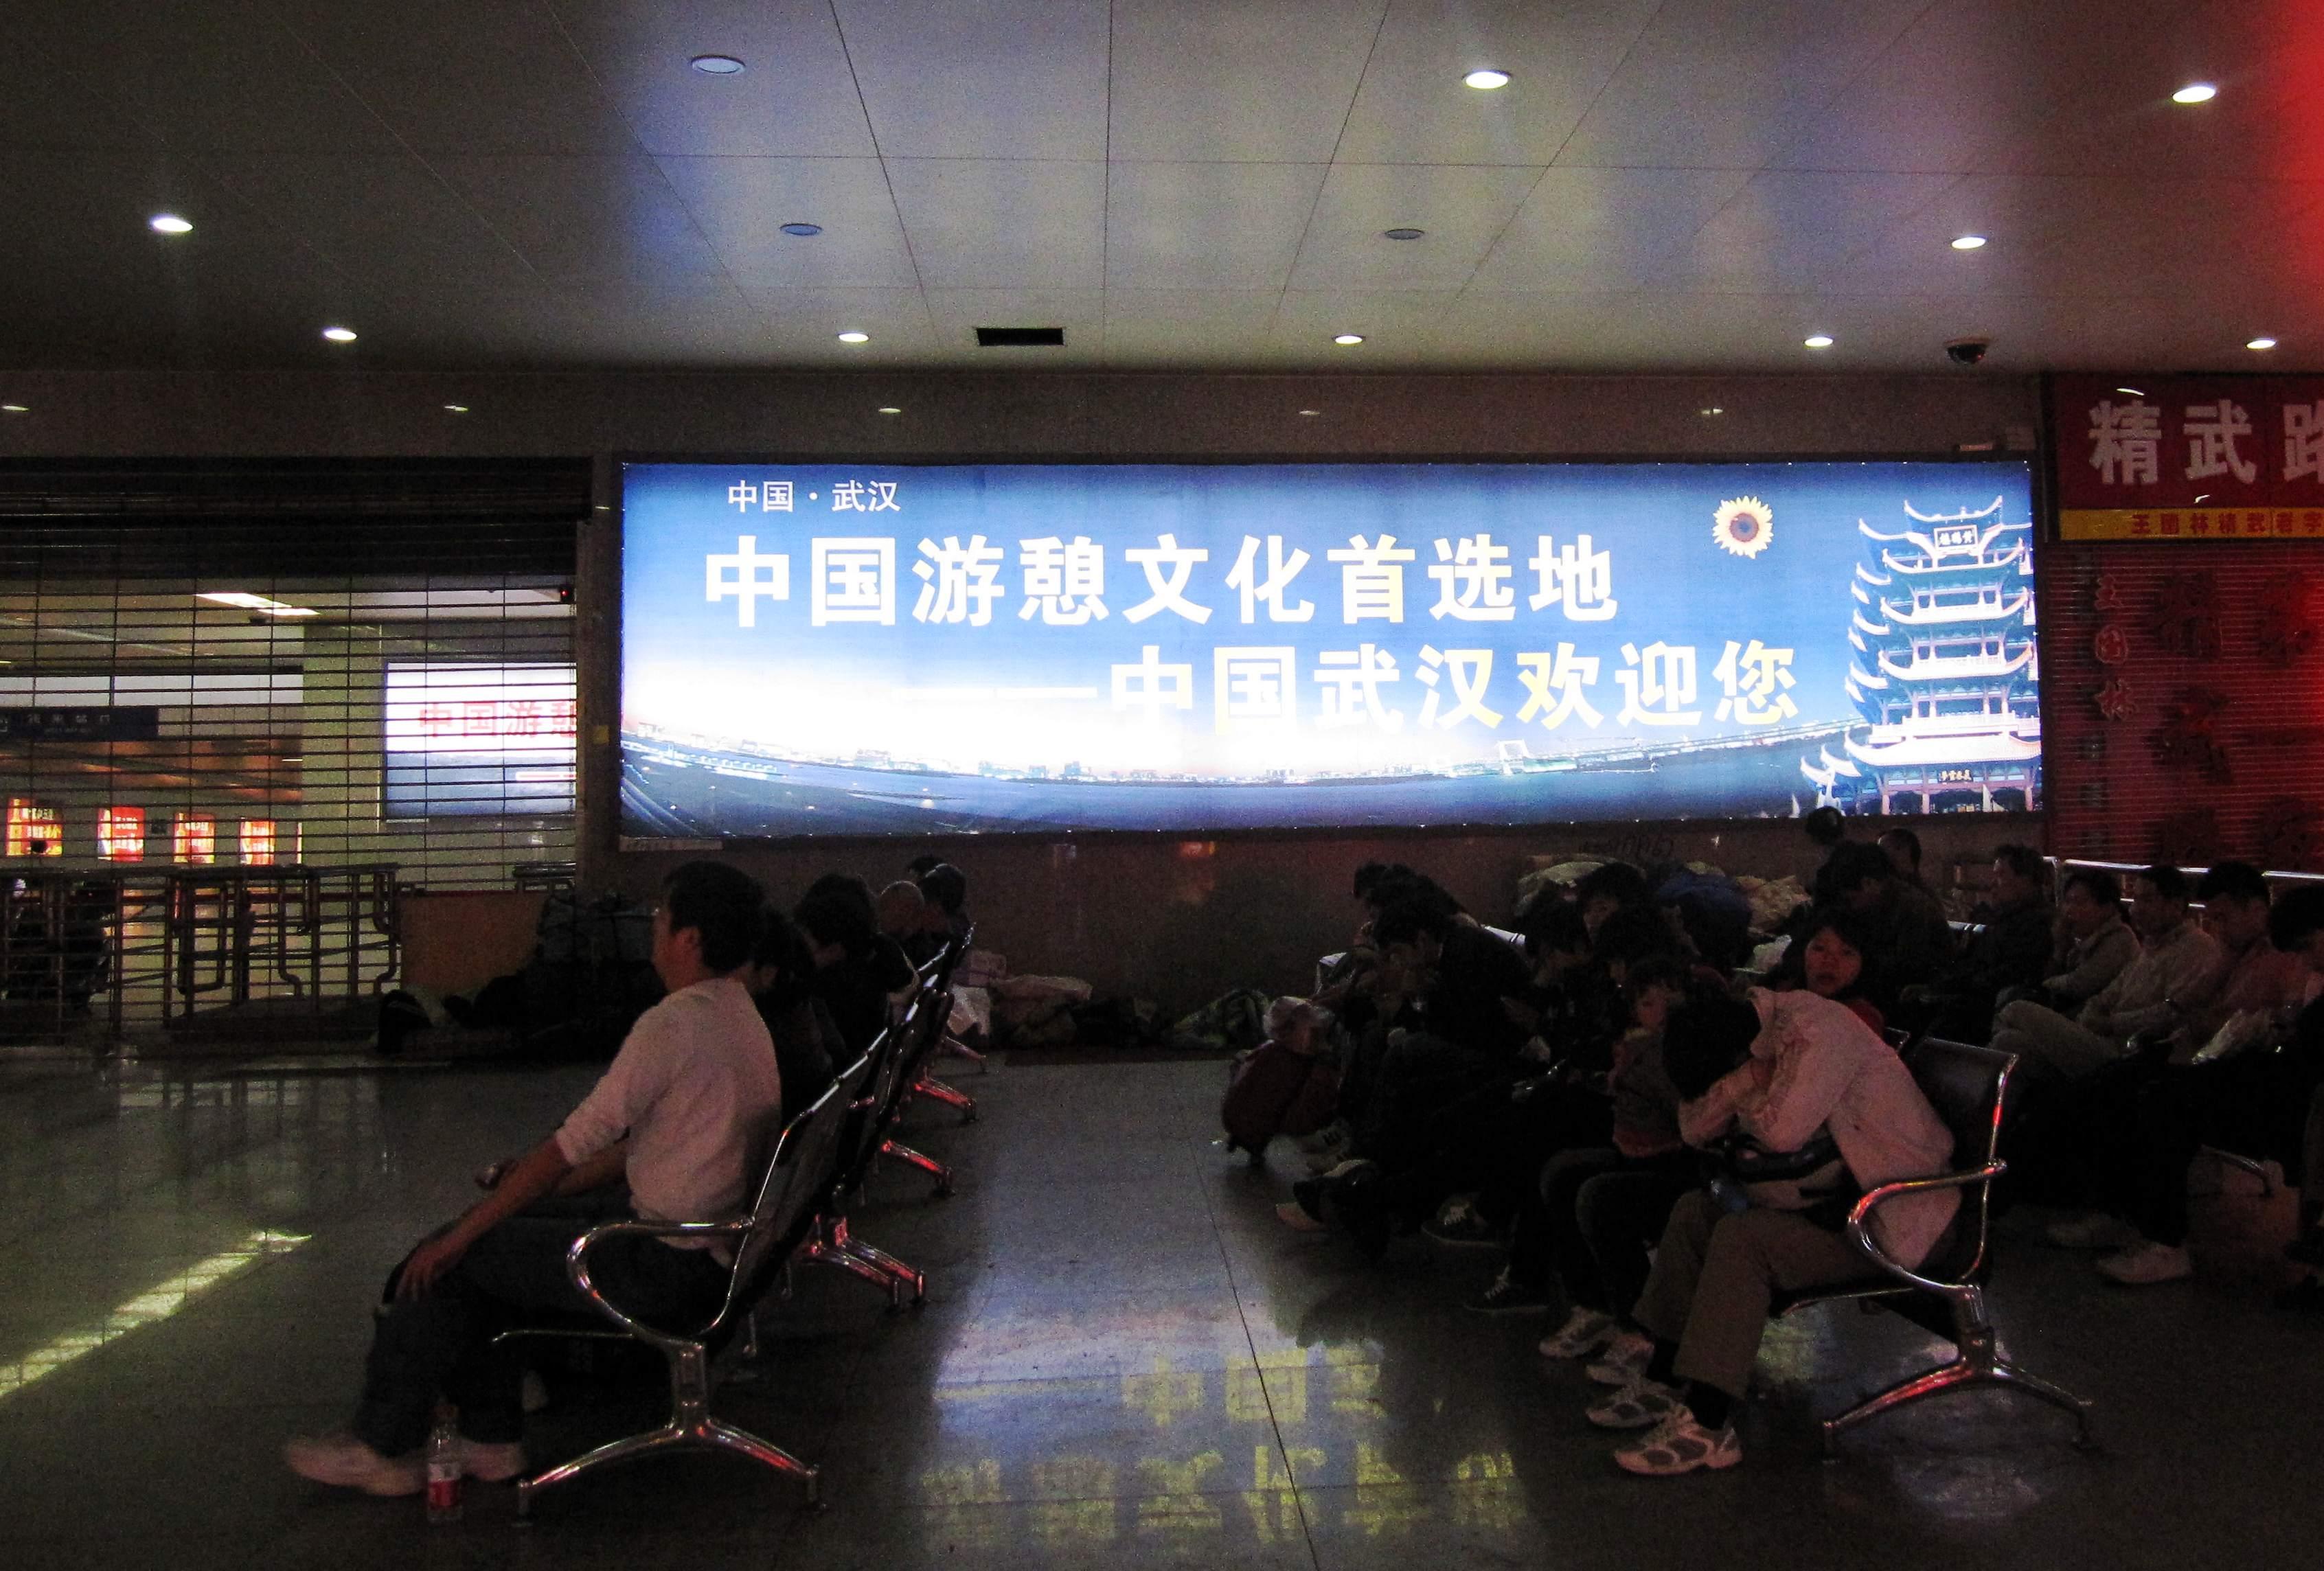 武昌火车站接站大厅广告位